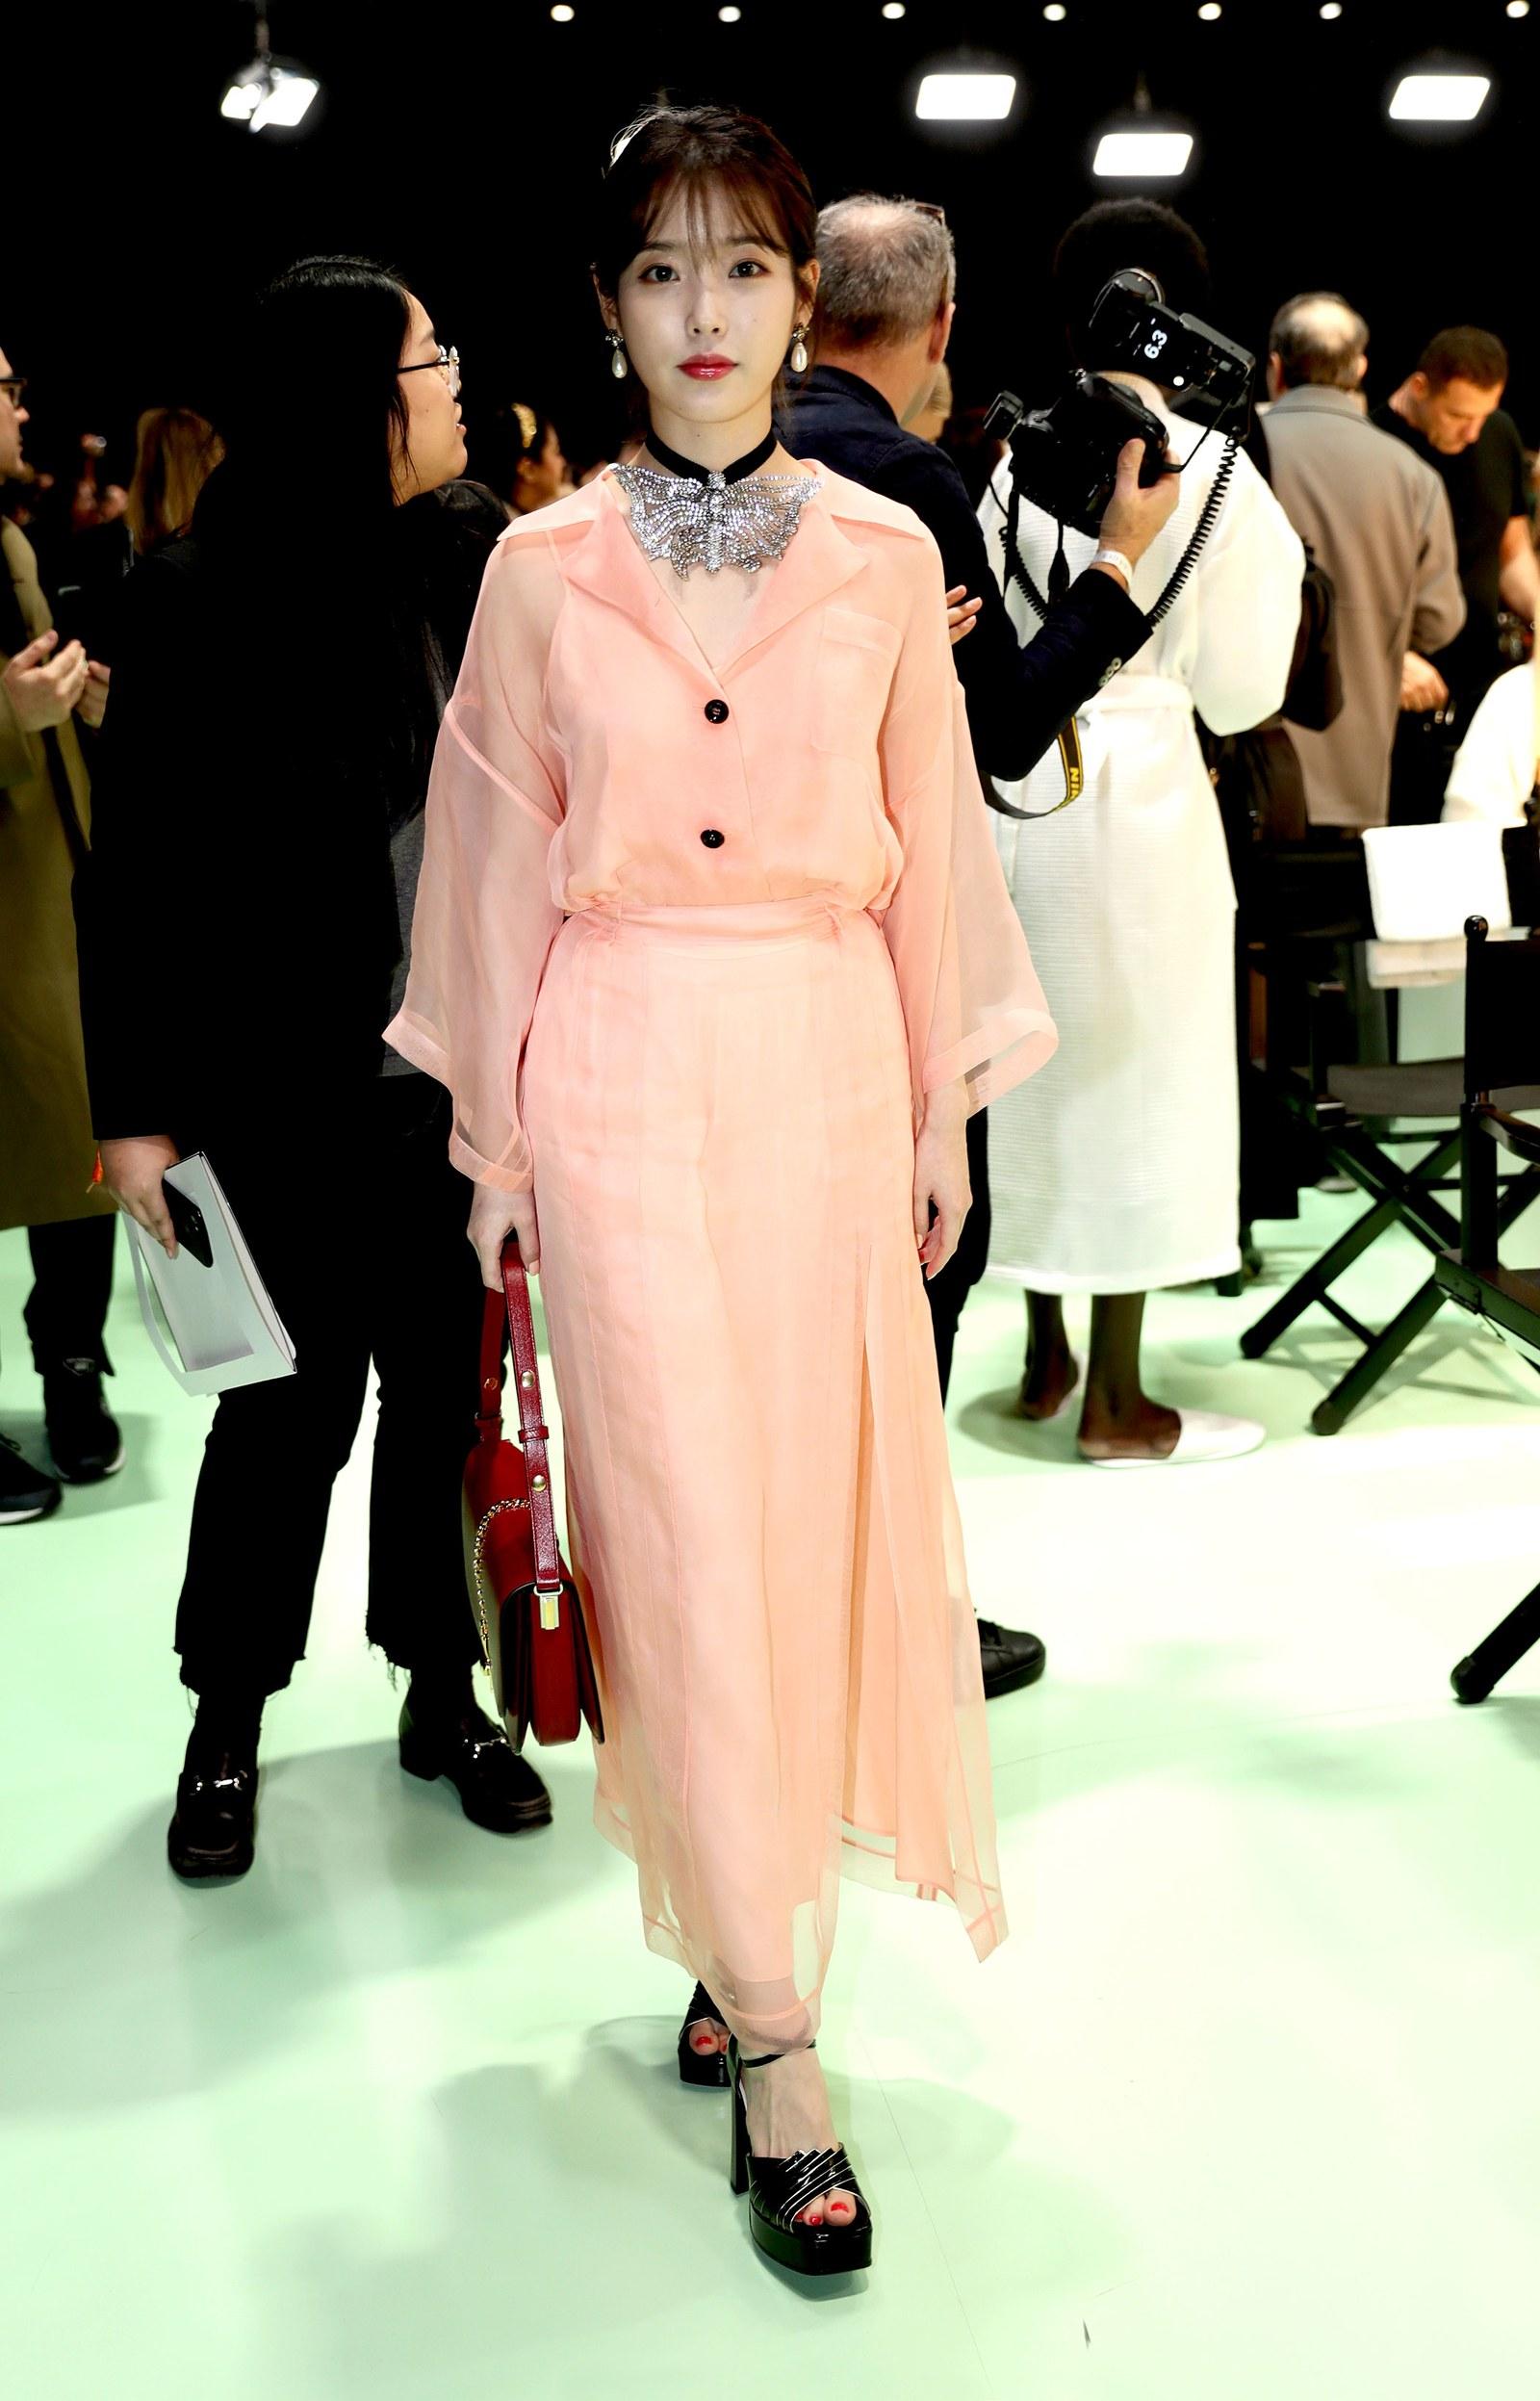 IU trở thành tâm điểm của sự chú ý tại sàn diễn Thu - Đông 2020 của Gucci